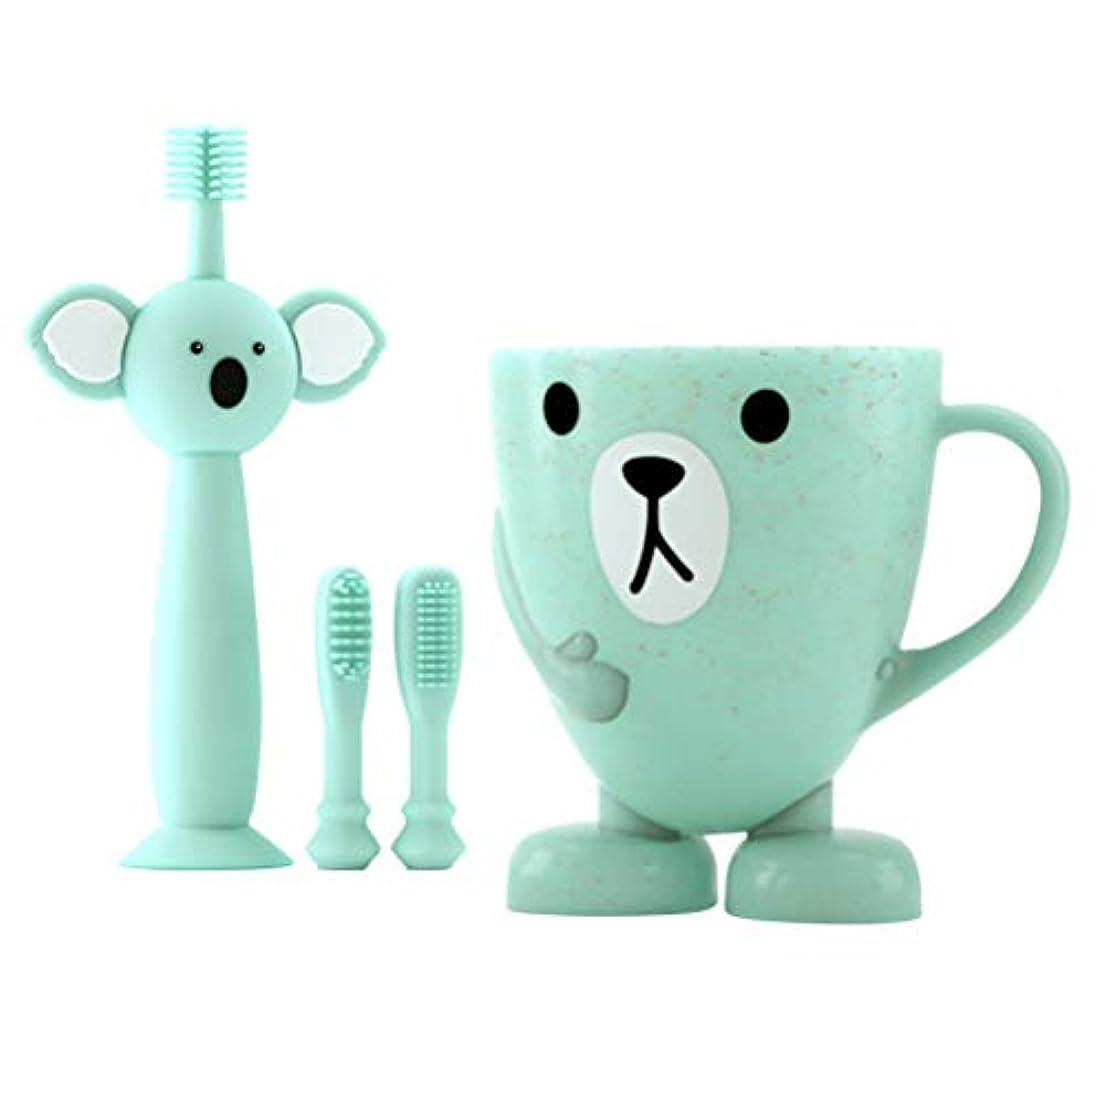 責める人道的敗北TOYANDONA 赤ちゃんの歯のクリーニングセット幼児シリコン歯ブラシ2個付き交換用ブラシヘ??ッドカップ4個